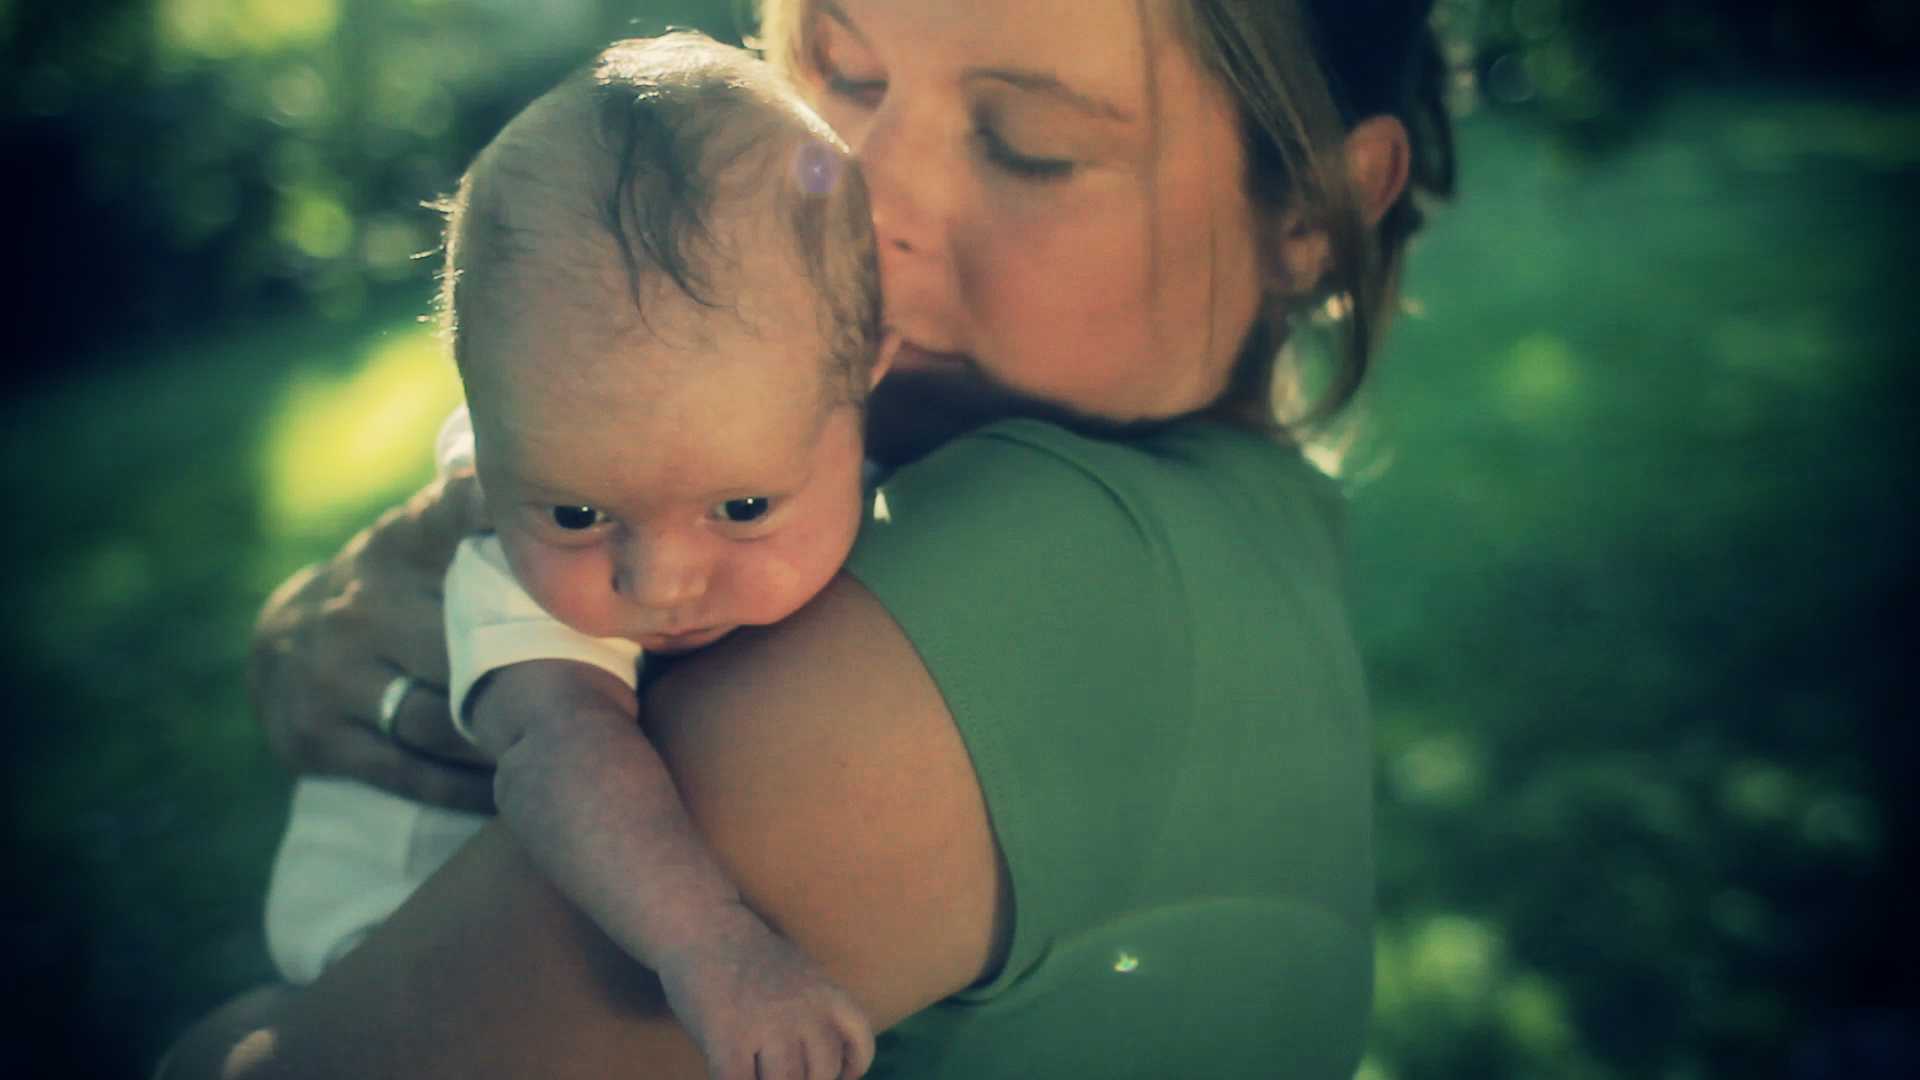 Hat mein Baby Entzugserscheinungen?